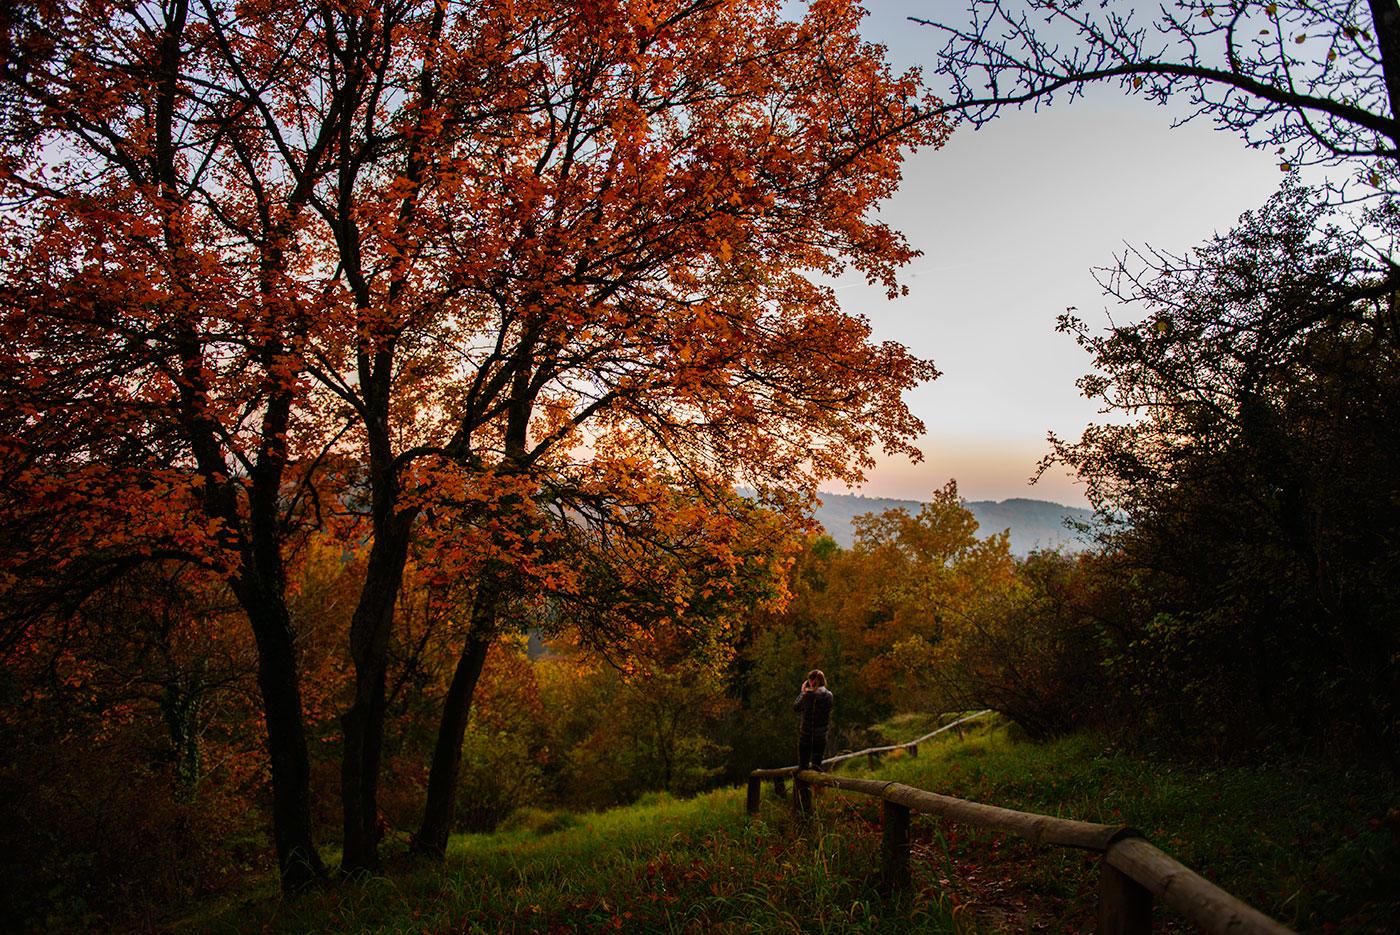 Fotowanderung mit Hund und Julia: Trier im Herbst